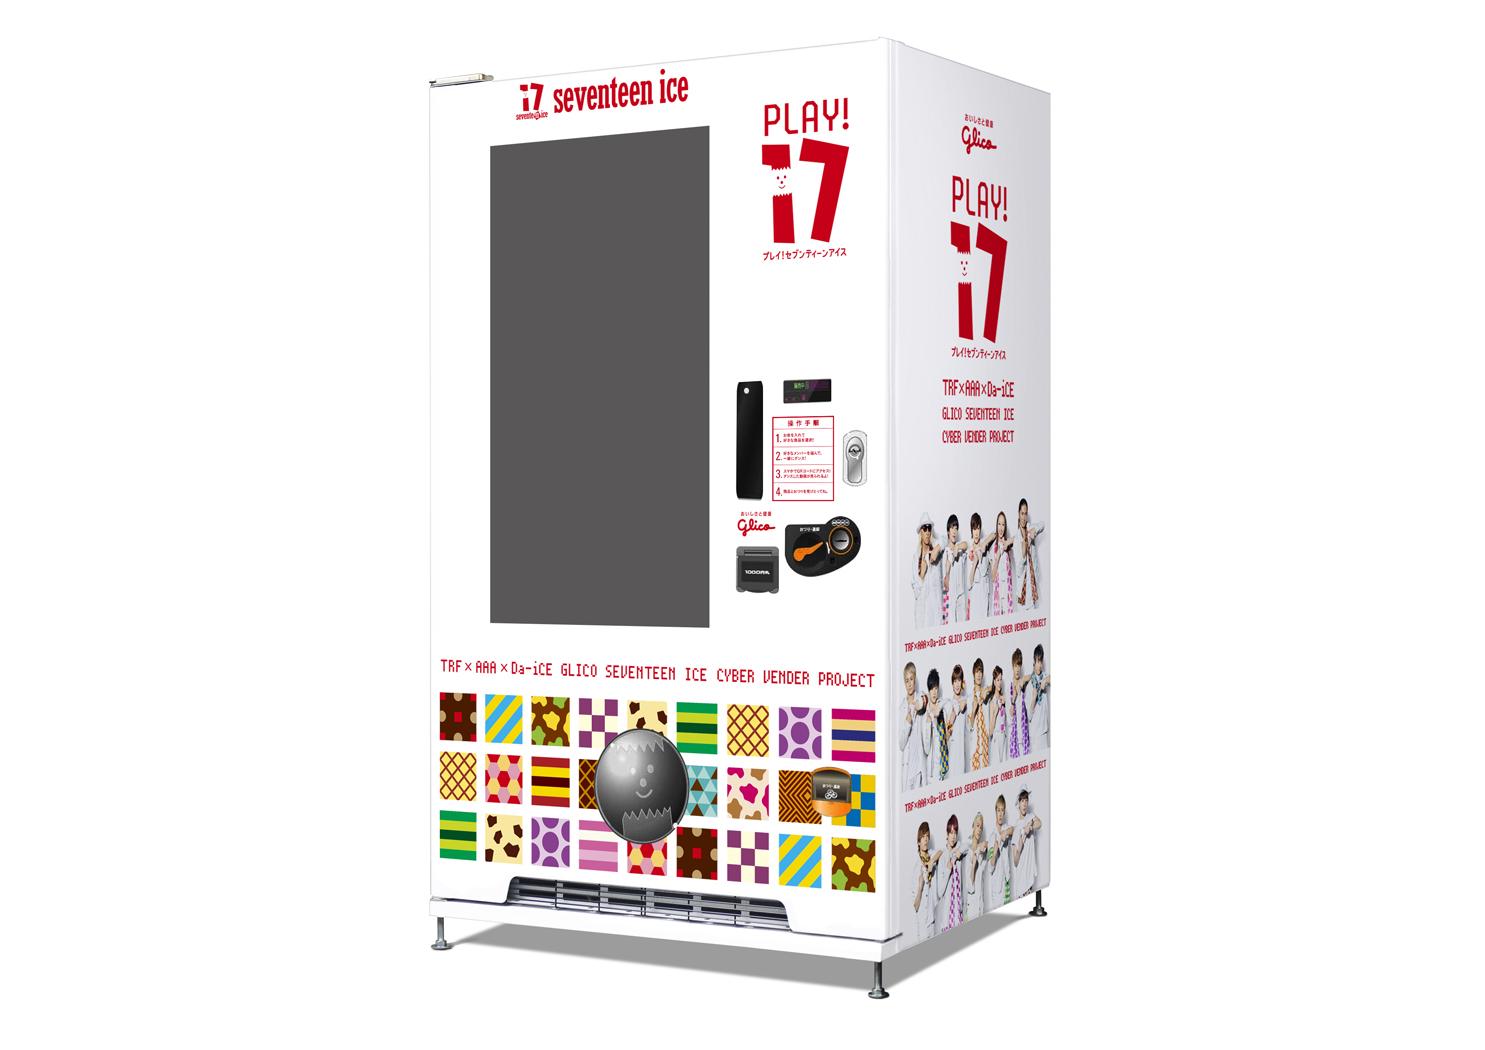 glico 17ice vendor 2016